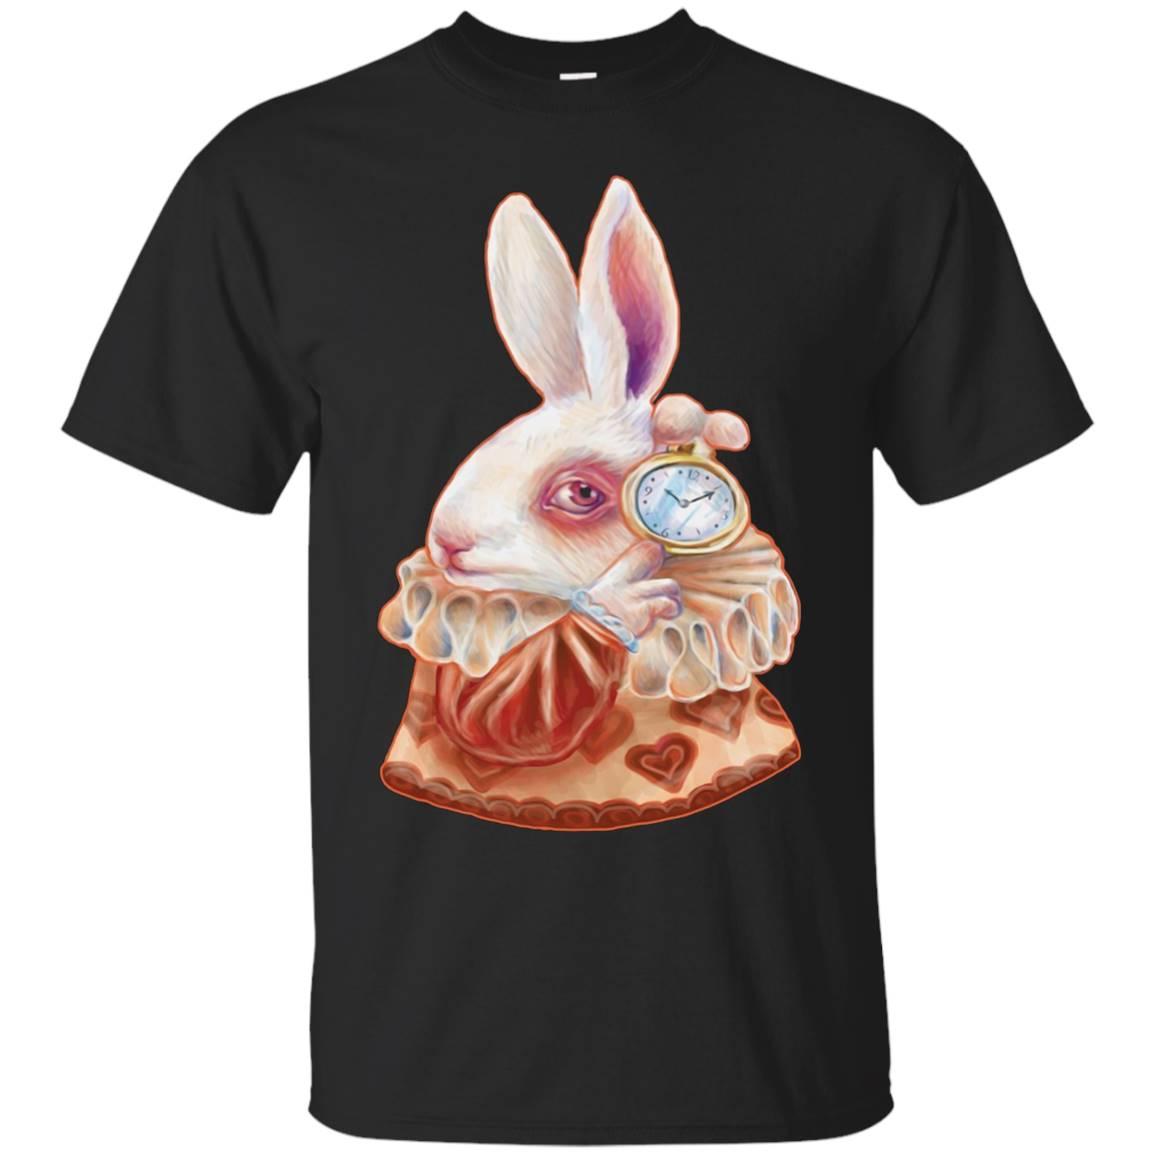 Alice in Wonderland White Rabbit Tee Shirt